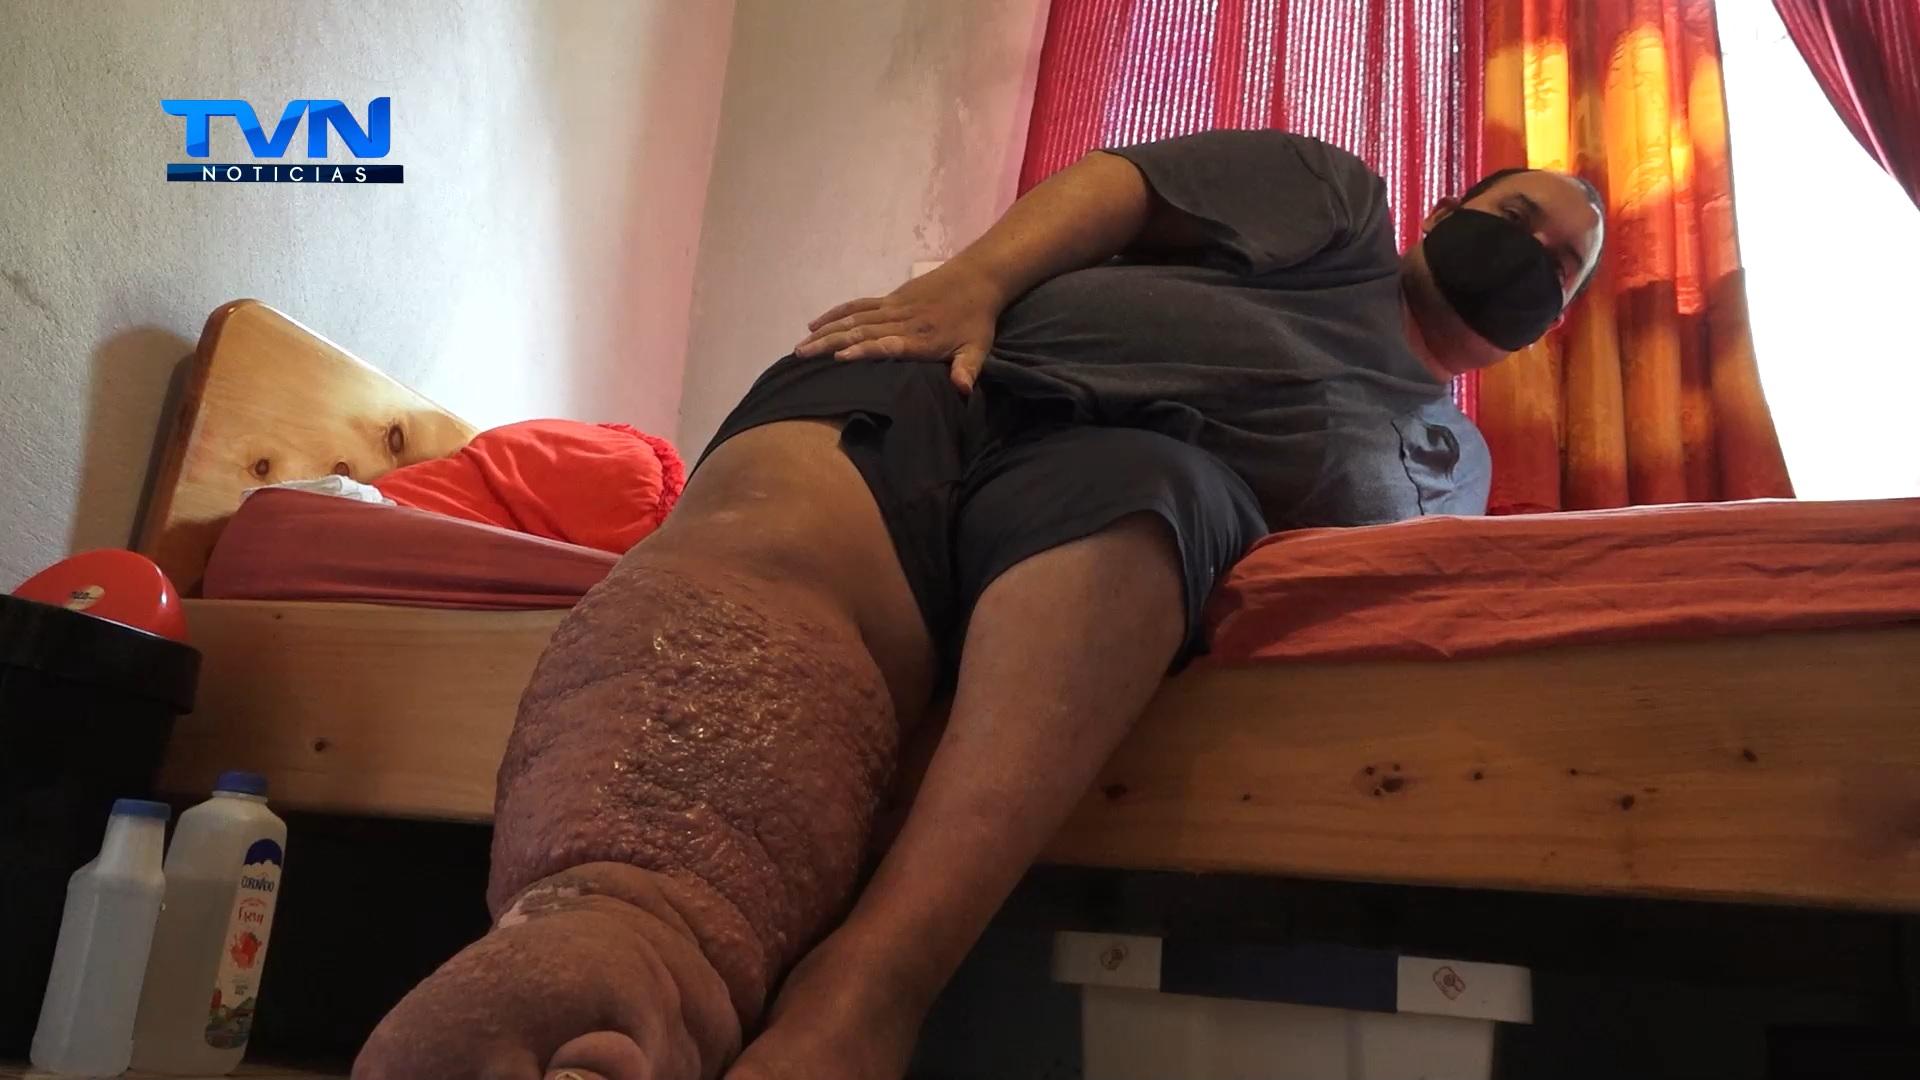 Un vecino de Aguas Zarcas requiere de su ayuda para tener una mejor calidad de vida